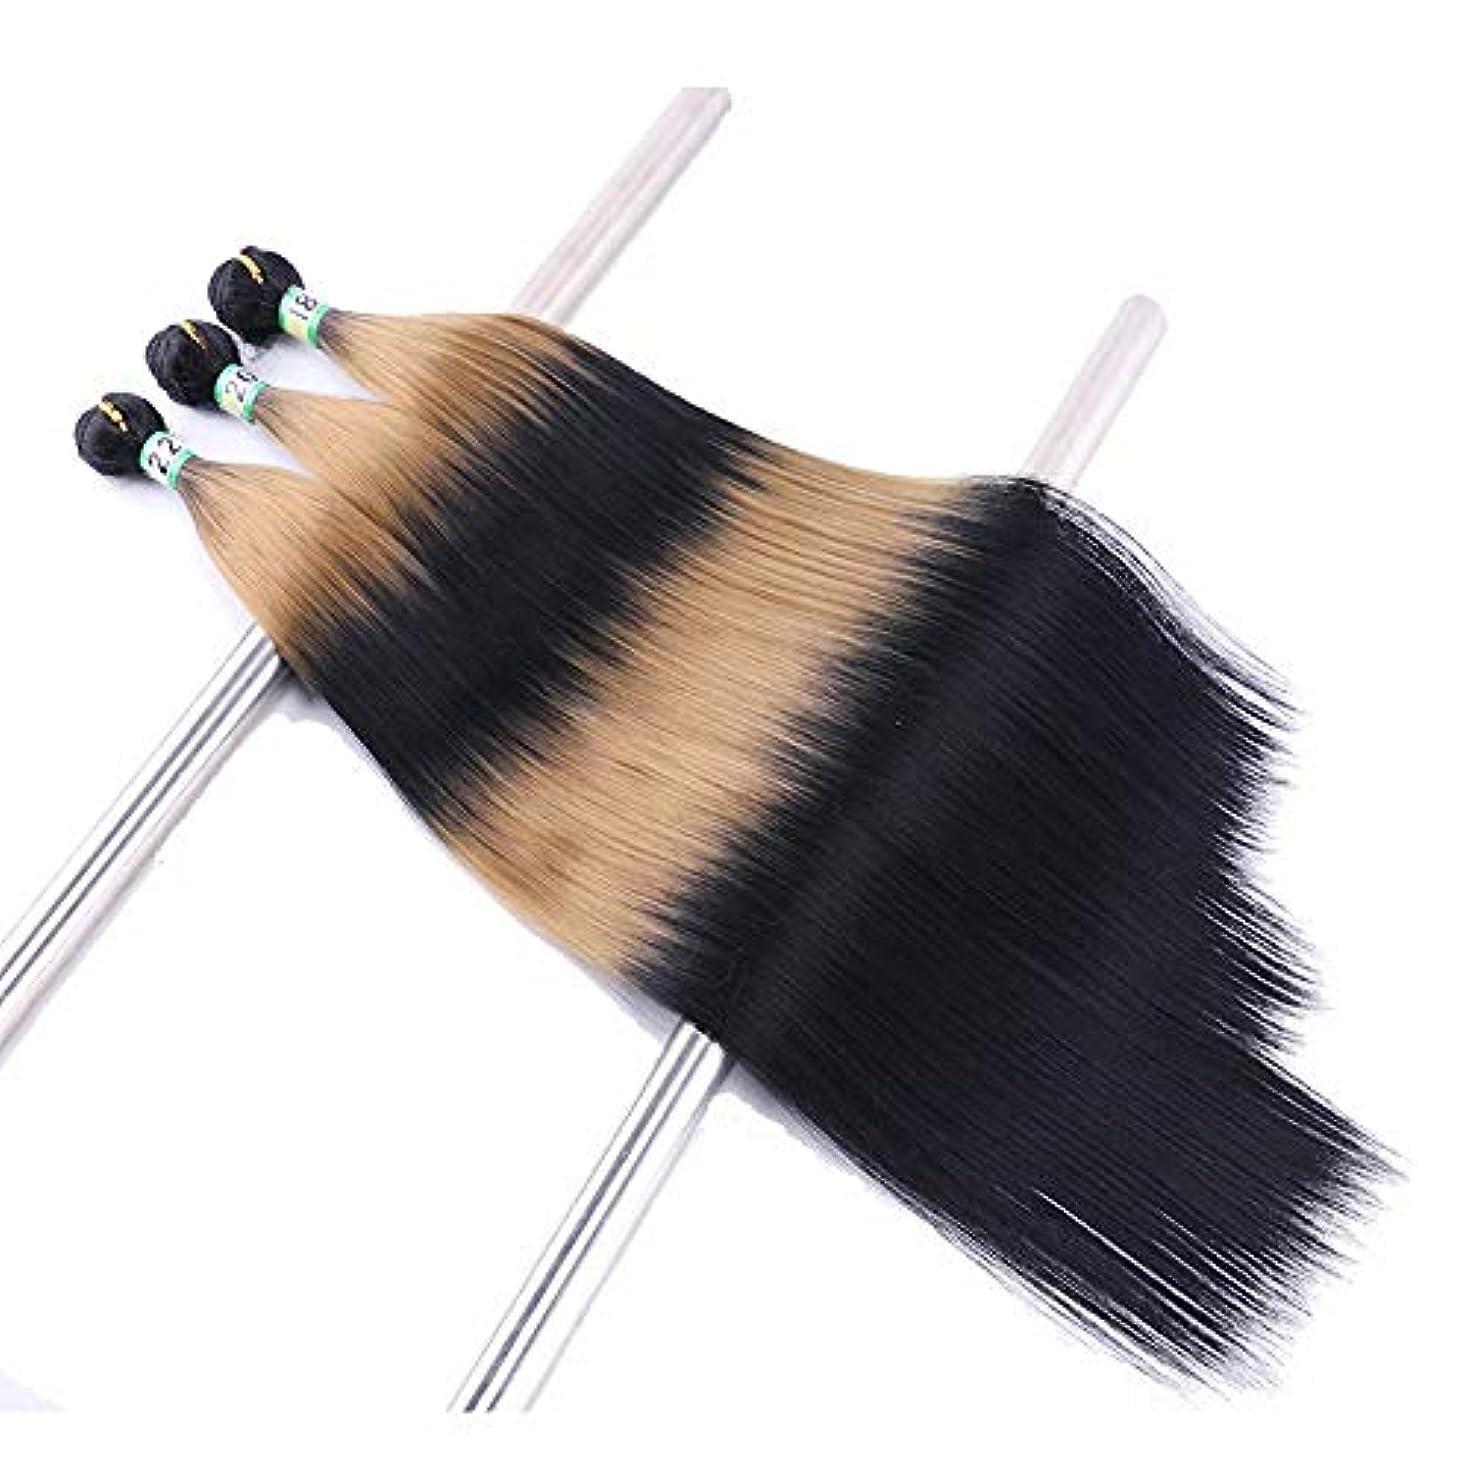 スロベニア灌漑アリーナHOHYLLYA 3バンドルシルクストレートヘアエクステンション - TTI / 27黒と茶色のツートンカラーの人工毛髪のかつらロールウィッグロールプレイングウィッグロングとショートの女性自然 (色 : ブラウン, サイズ...